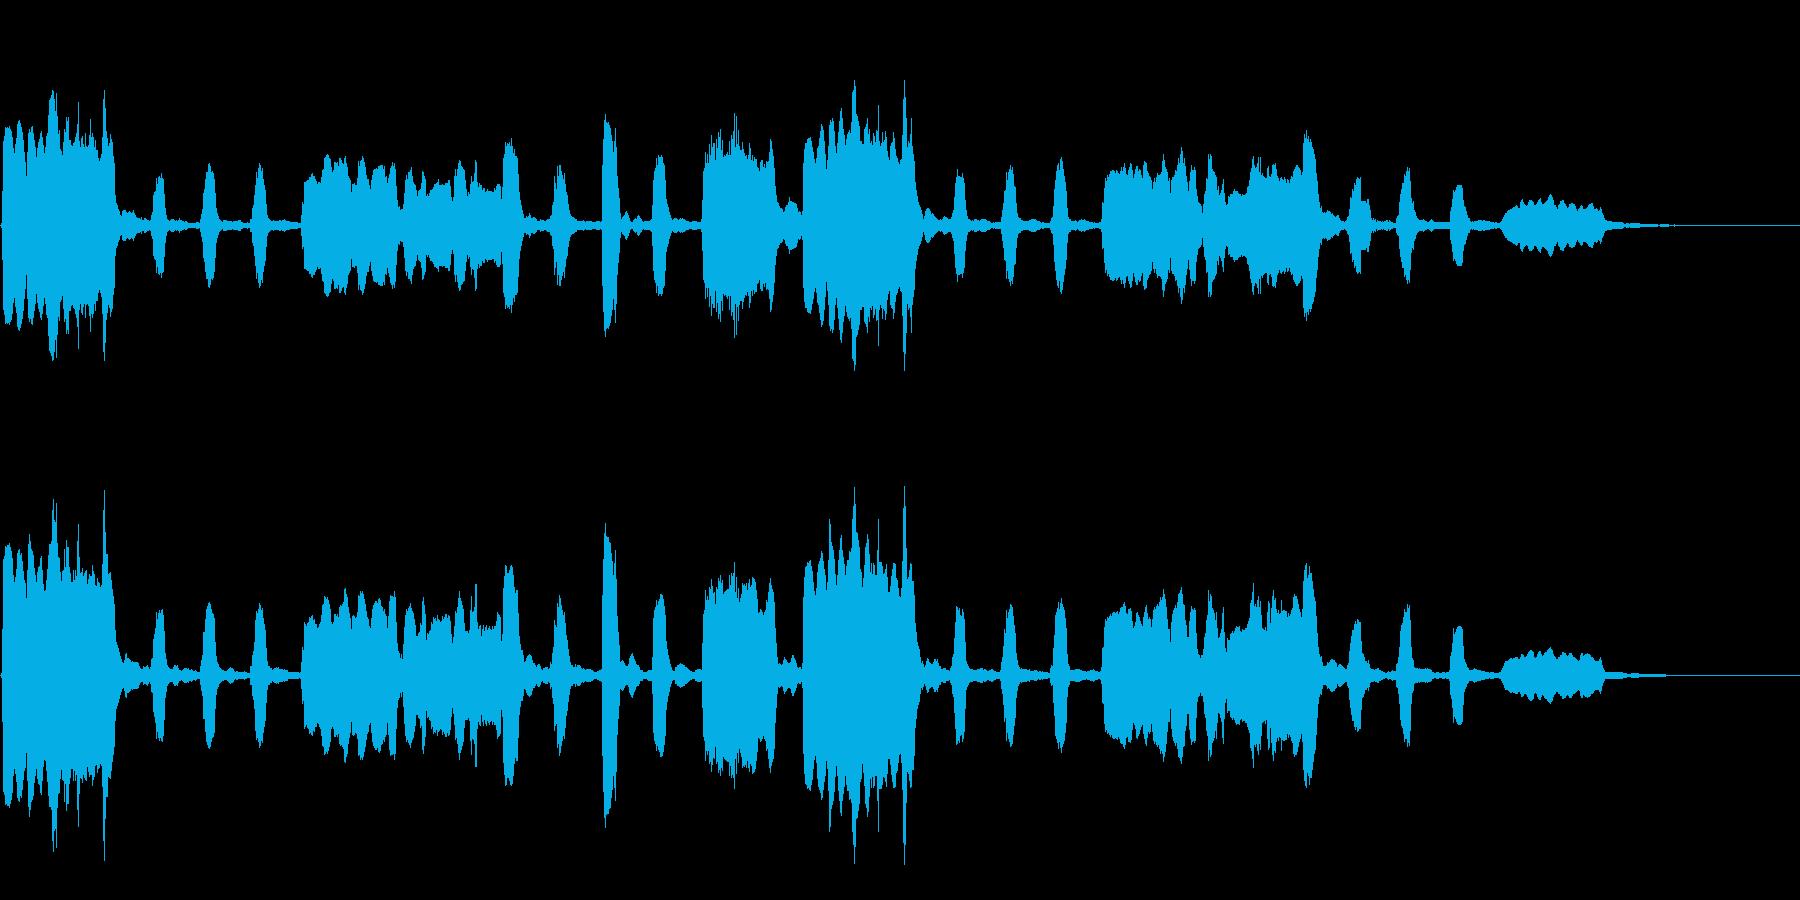 劇伴~平和なフルートの重奏 ほっこり~の再生済みの波形